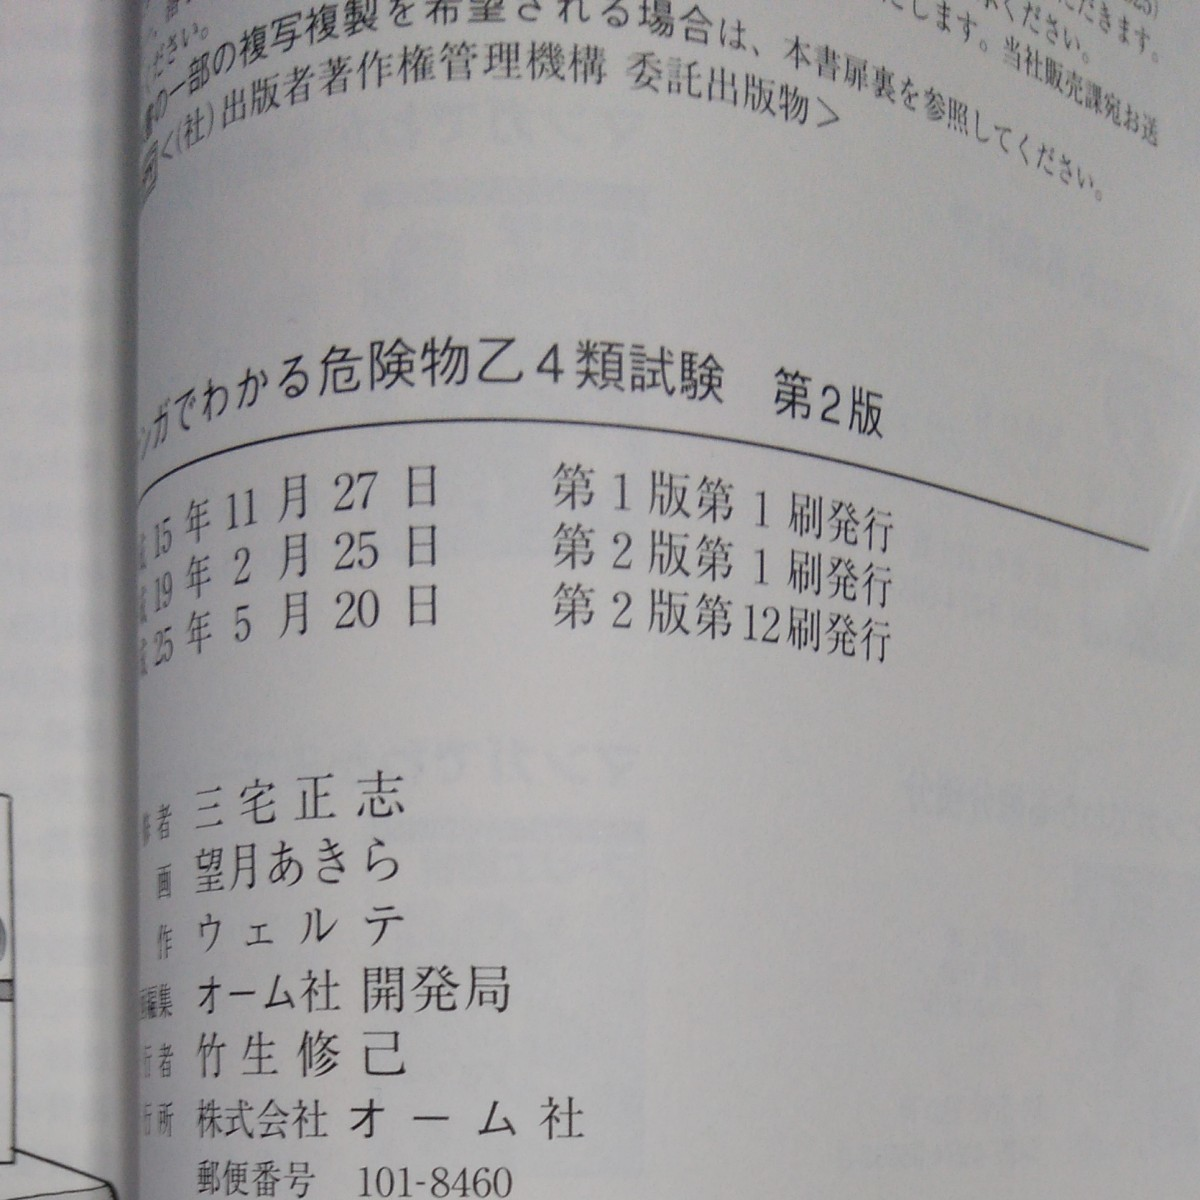 マンガでわかる 危険物乙4試験 第2版